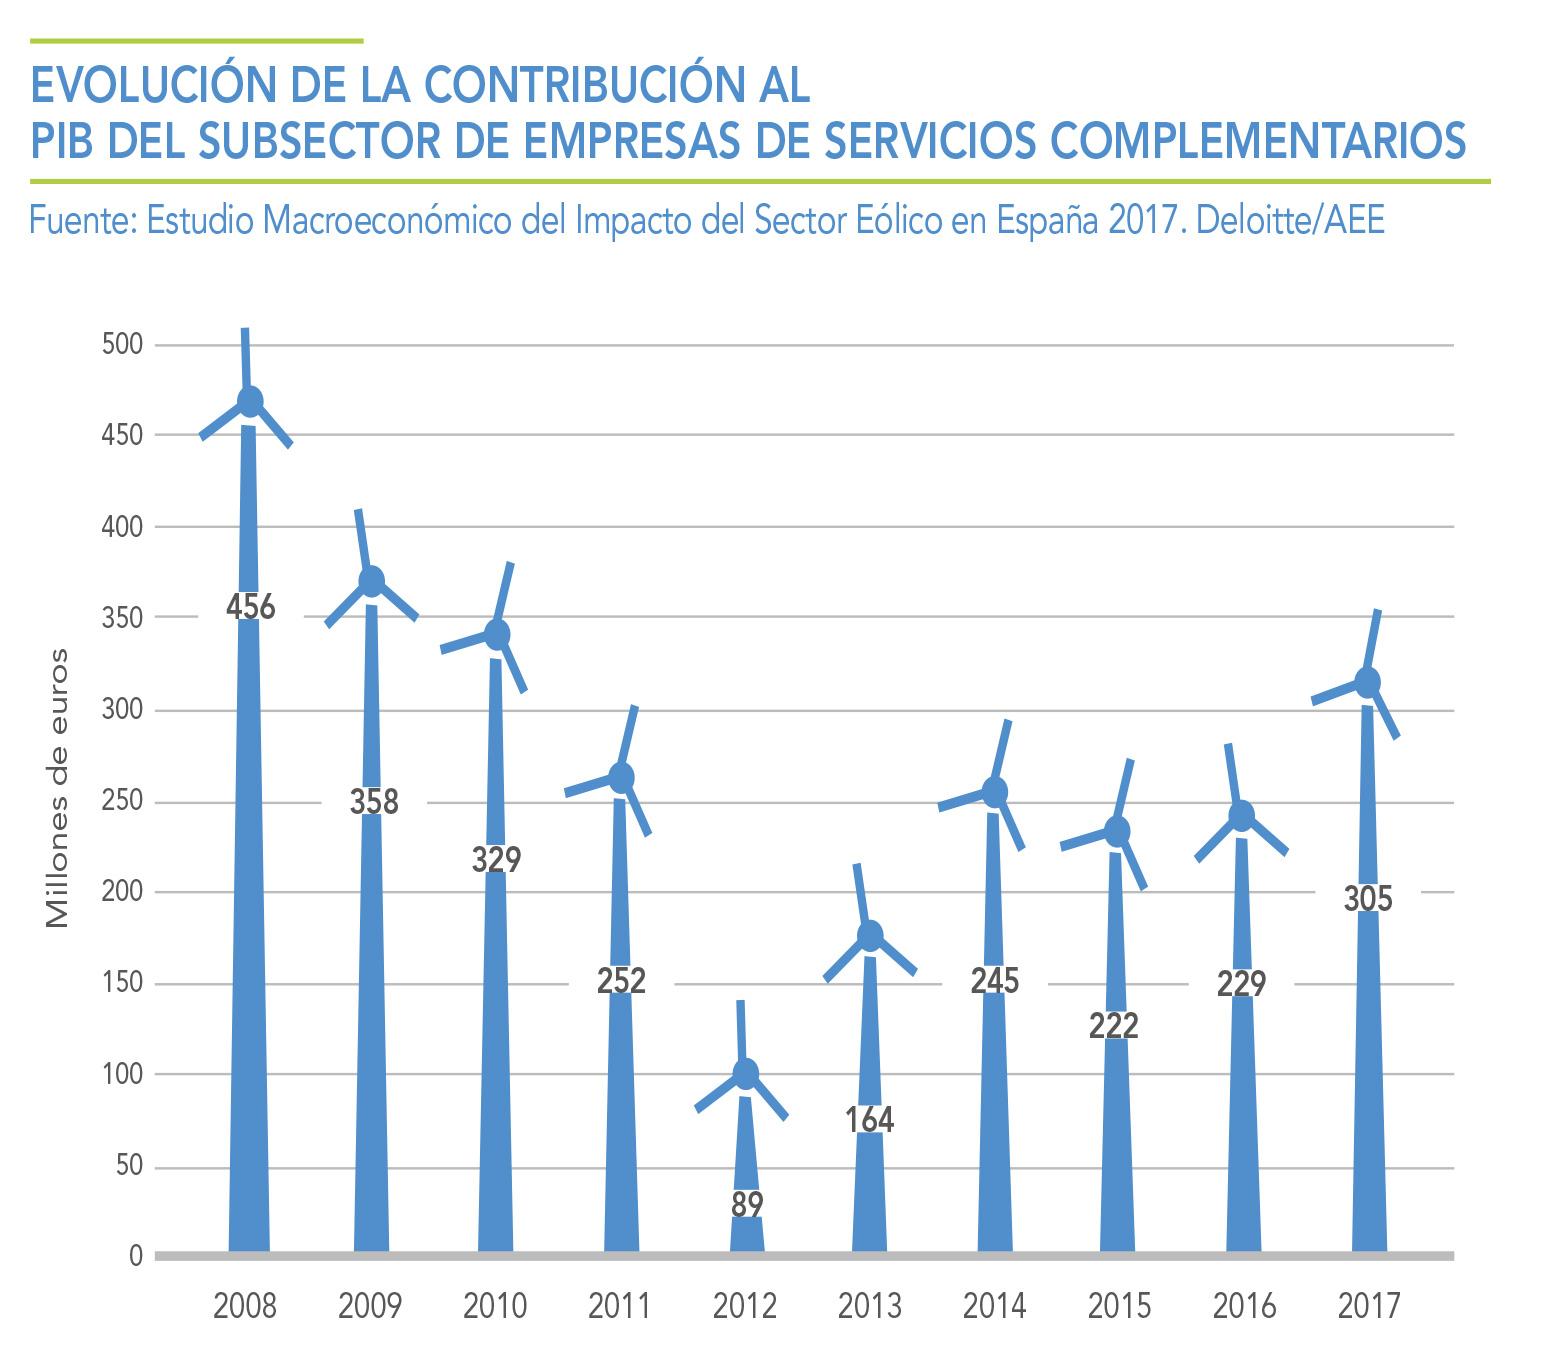 EVOLUCION-DE-LA-CONTRIBUCION-AL-PIB-DEL-SUBSECTOR-DE-EMPRESAS-DE-SERVICIOS-COMPLEMENTARIOS